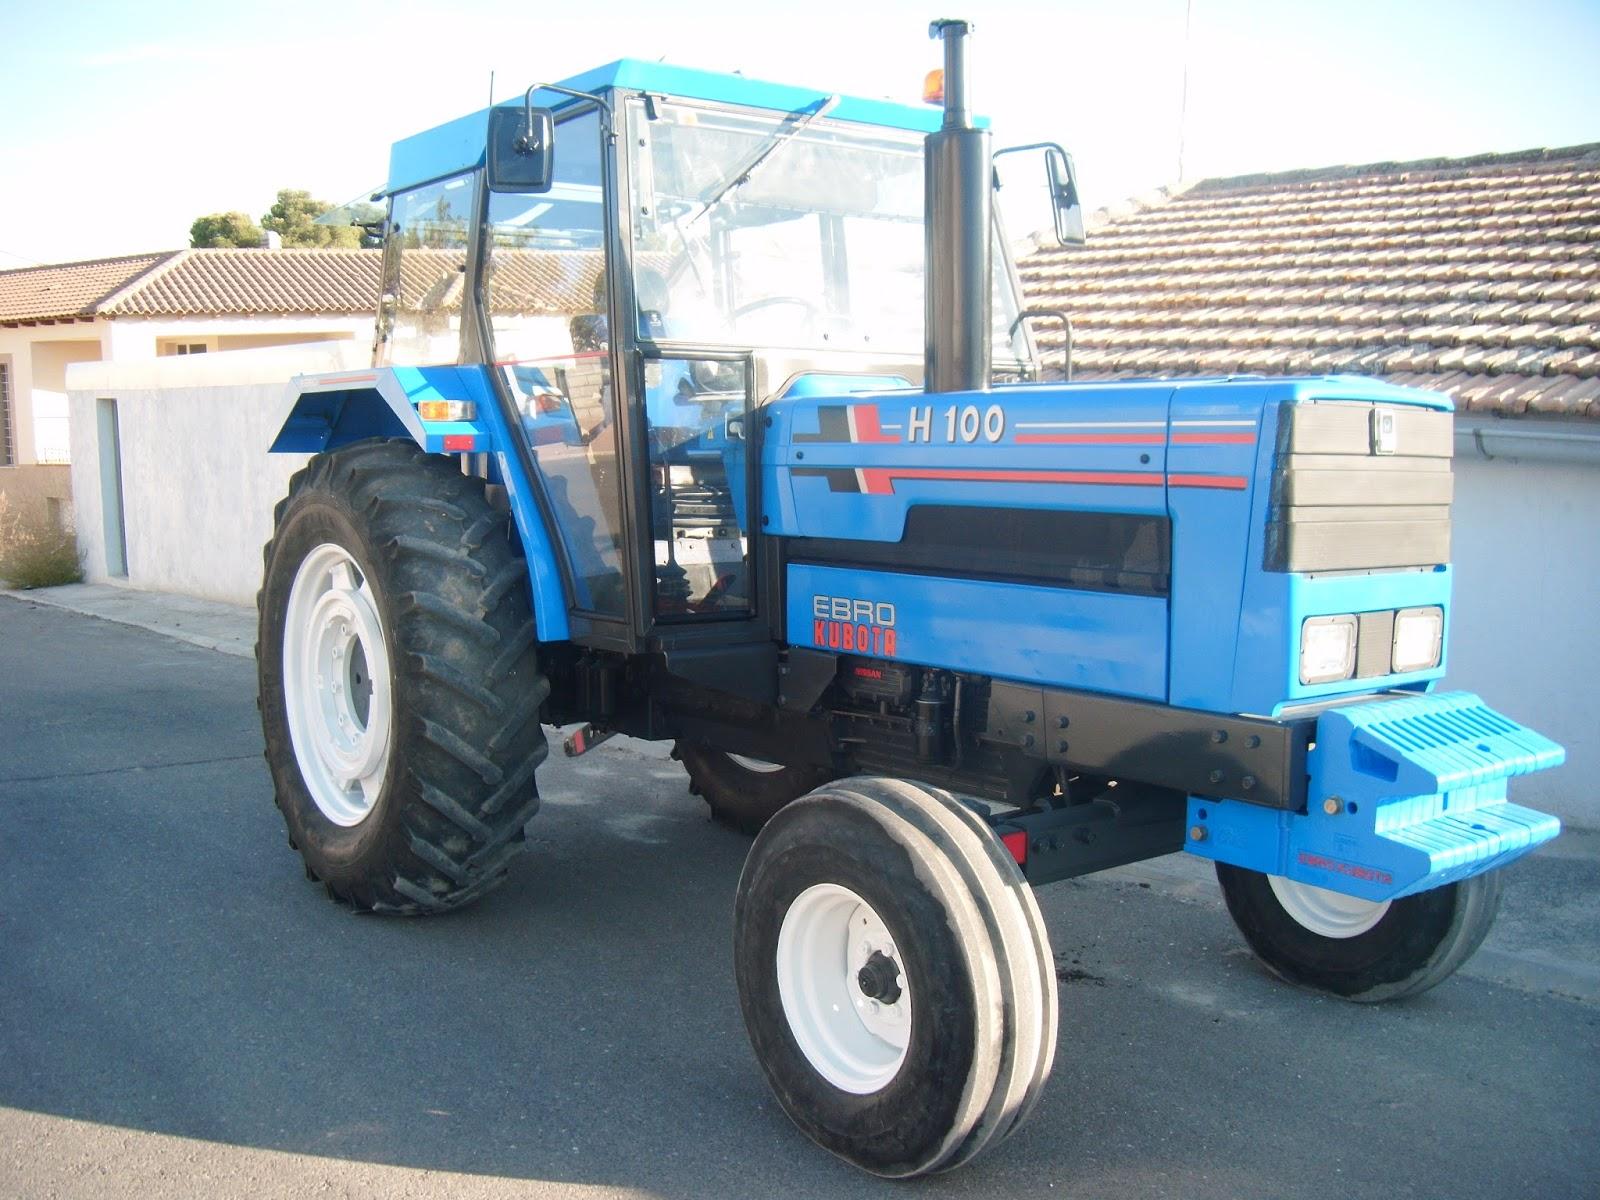 Marco arranque y luces para tractor tractores 4/posiciones Llave